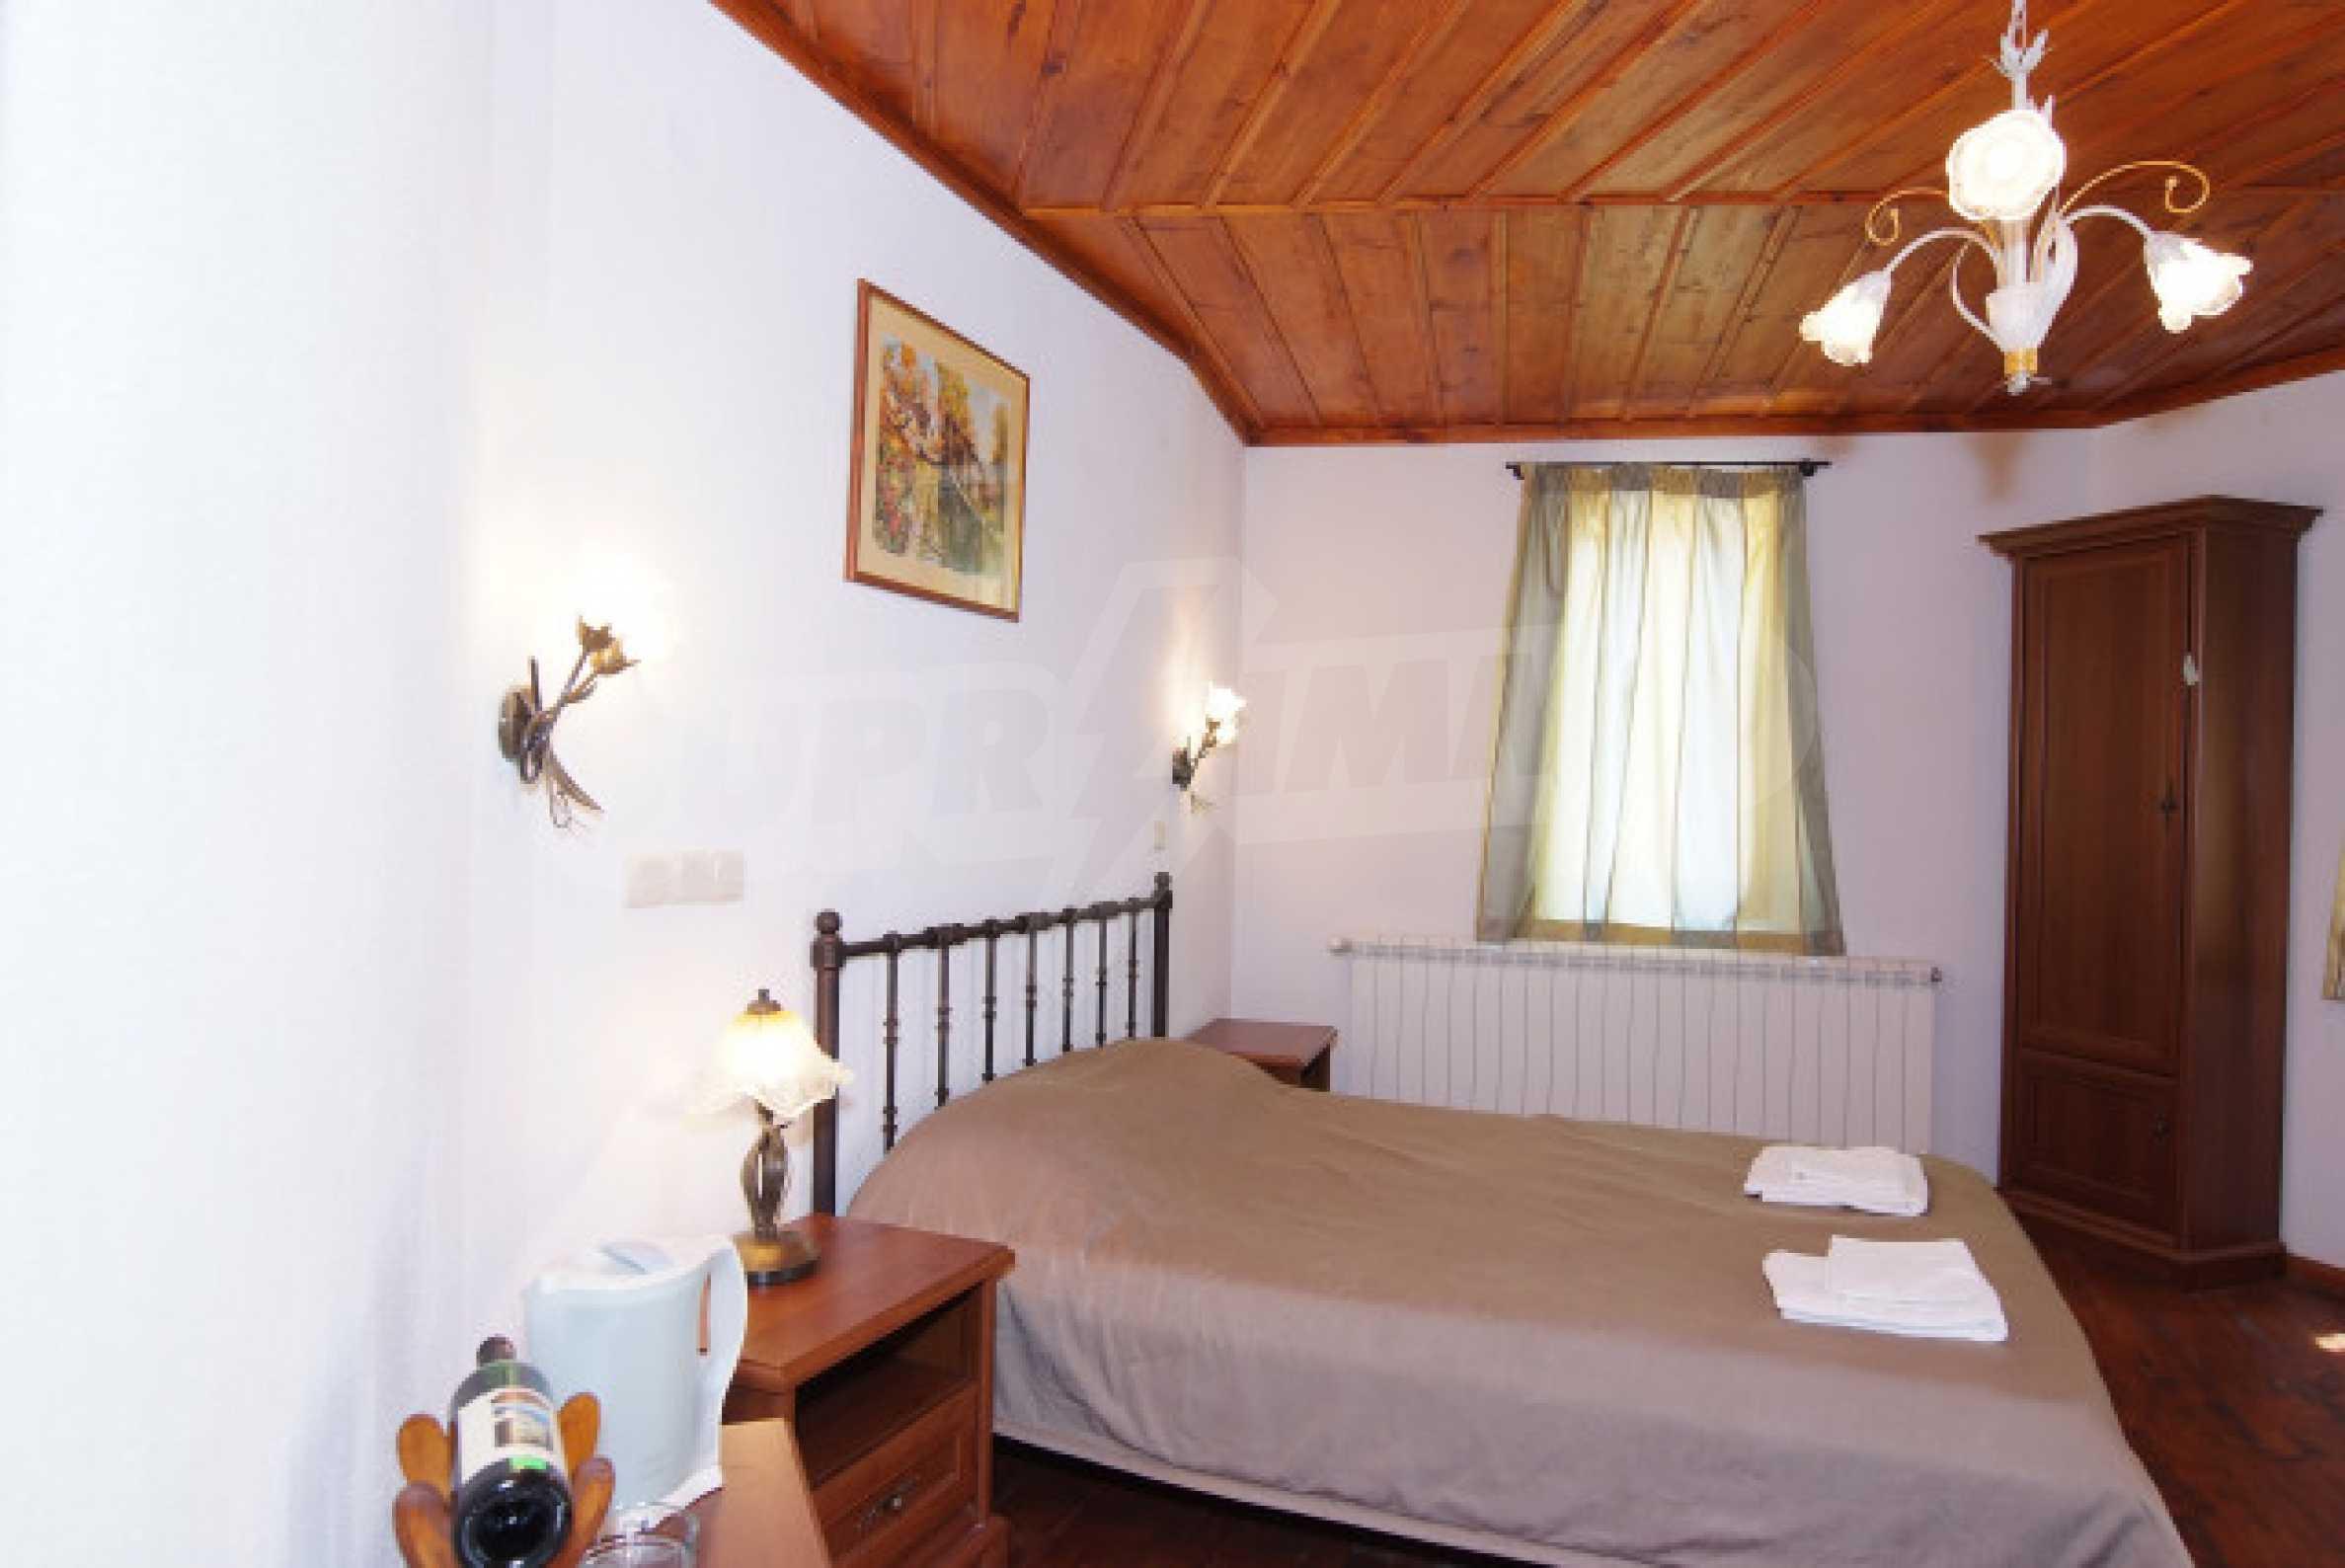 Семеен хотел в центъра на град Мелник 22